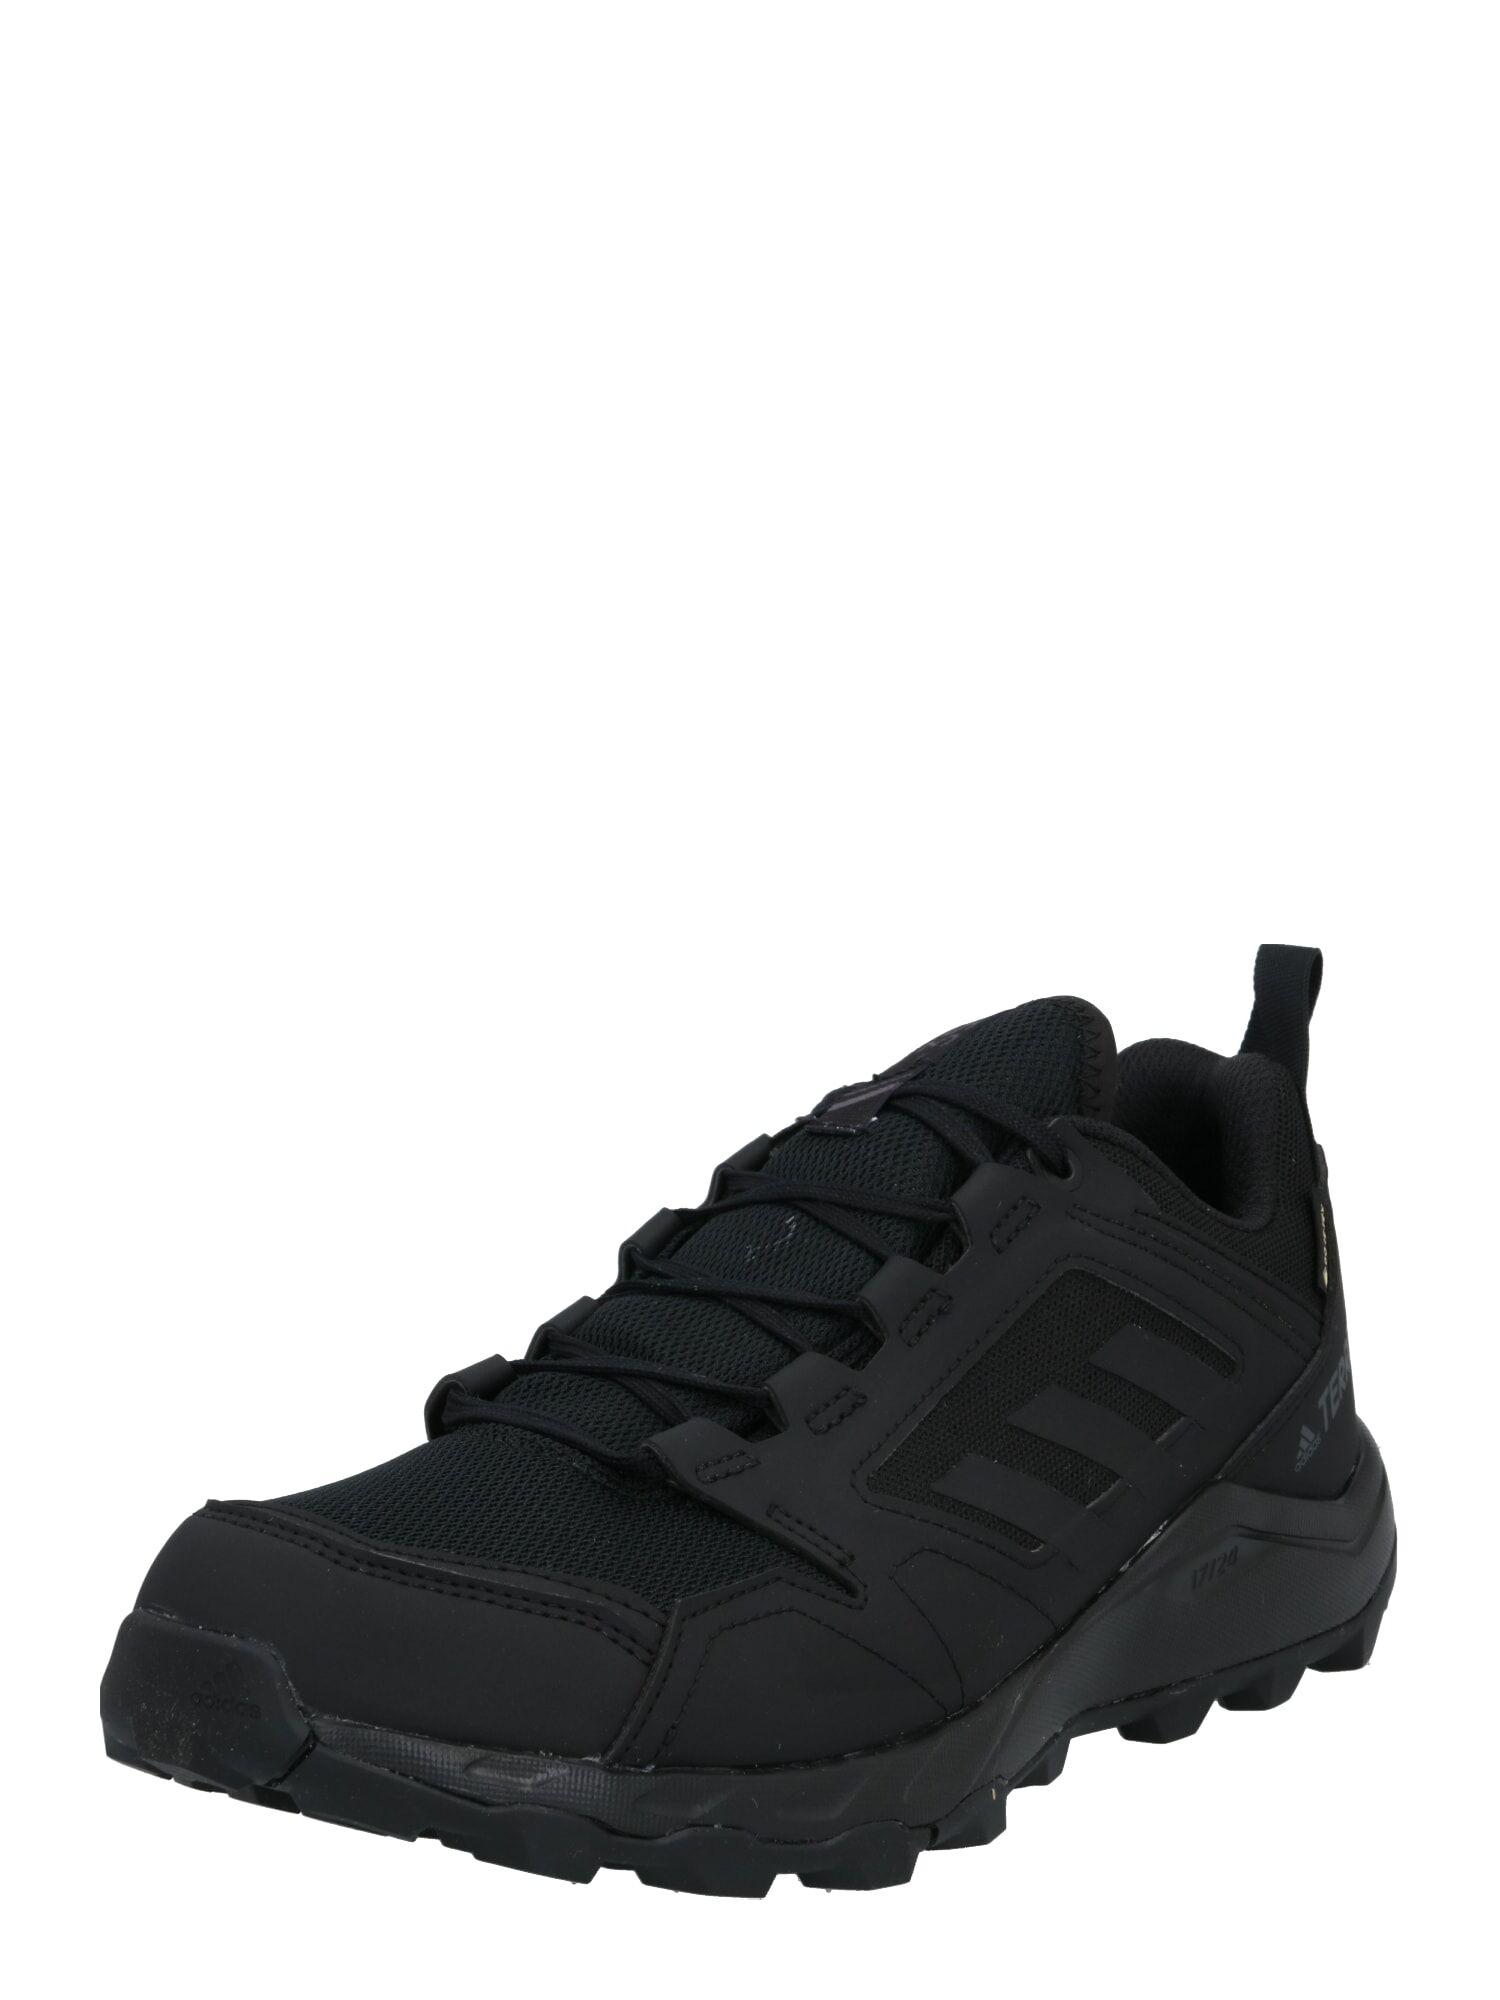 adidas Terrex Chaussure de course  - Noir - Taille: 7.5 - male